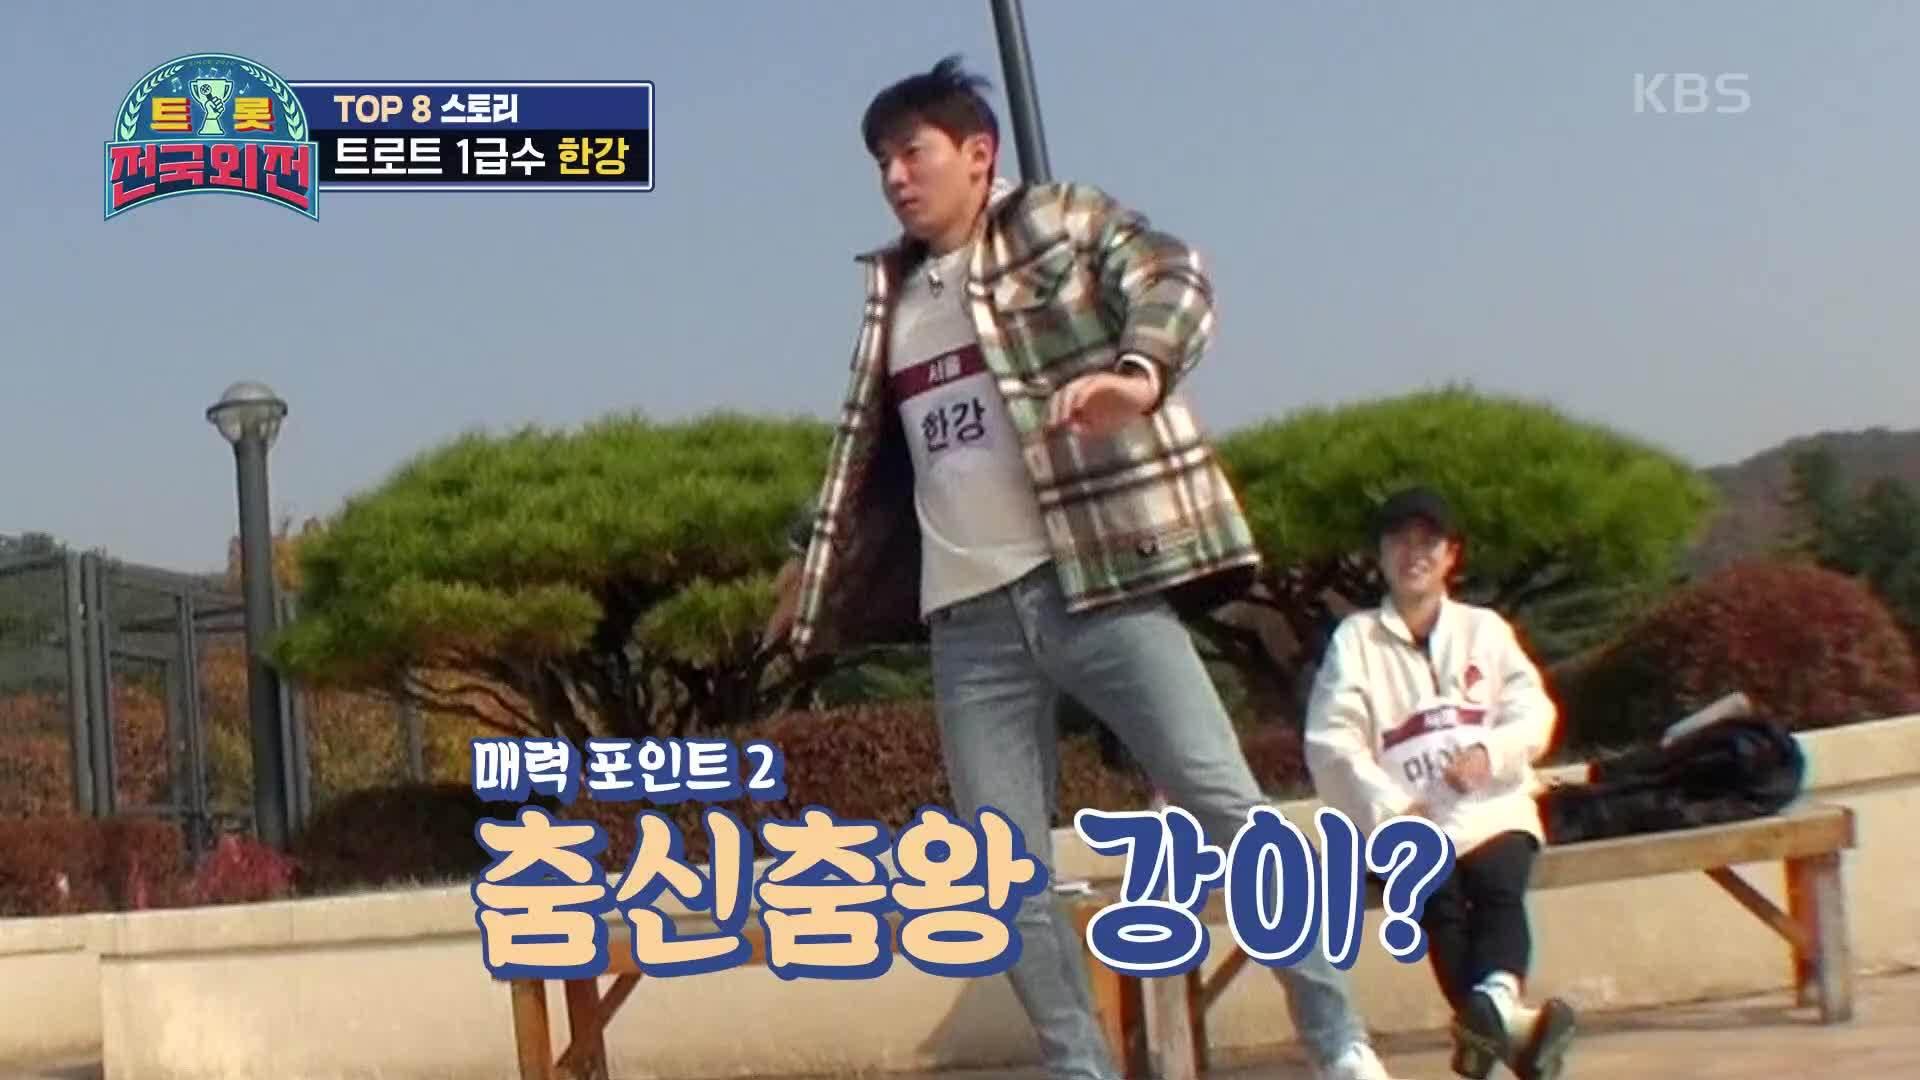 매력이 흘러넘치는 트로트 1급수 한강♥ 스윗가이의 첫걸음이었던 무대! | KBS 210306 방송